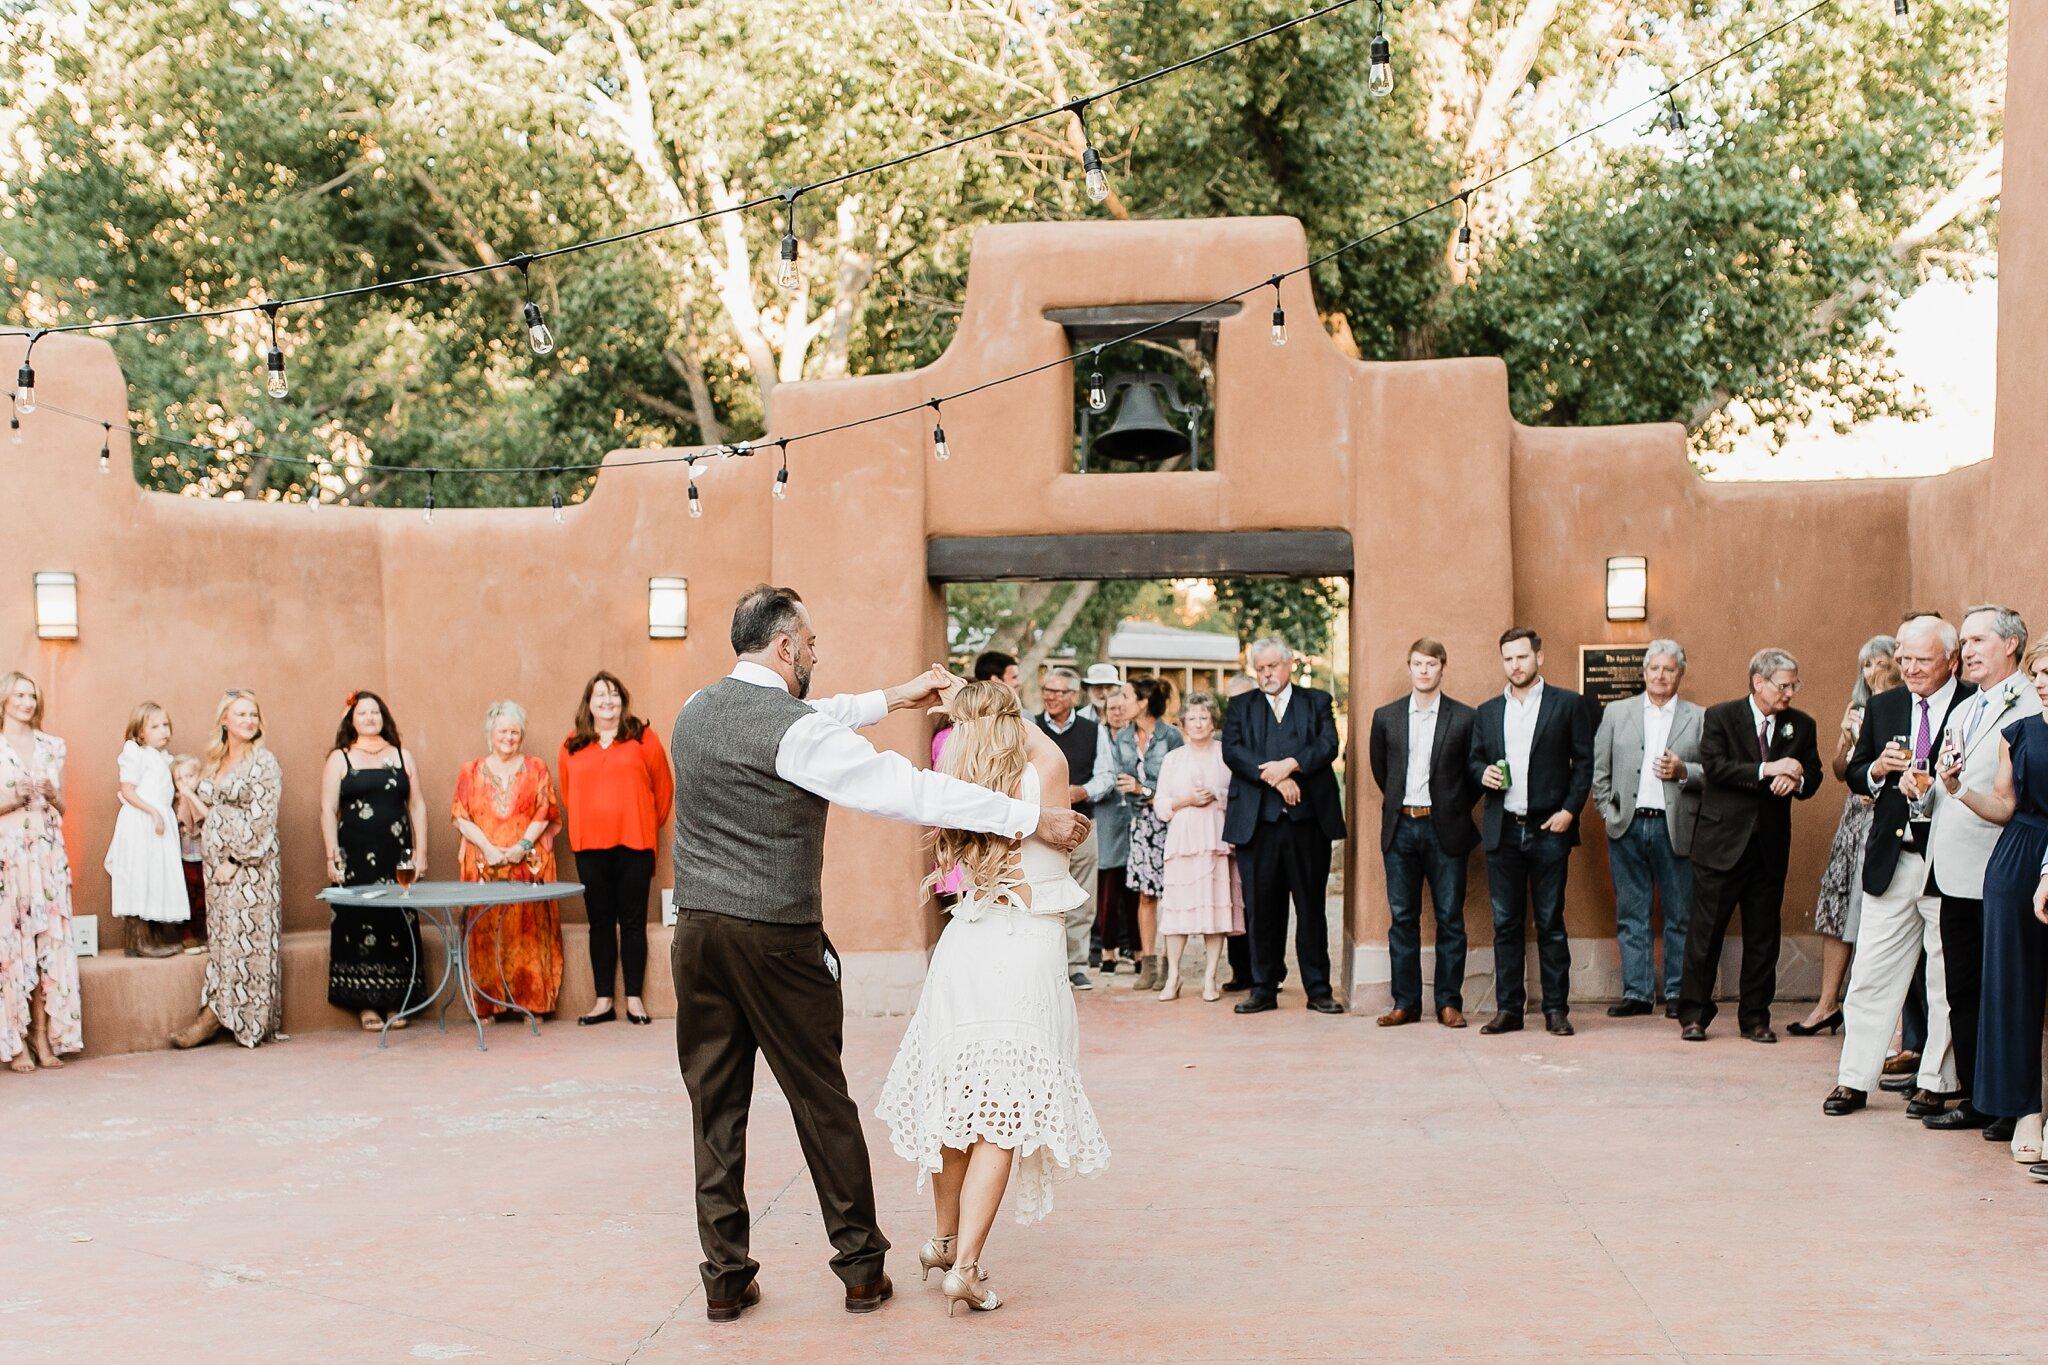 Alicia+lucia+photography+-+albuquerque+wedding+photographer+-+santa+fe+wedding+photography+-+new+mexico+wedding+photographer+-+new+mexico+wedding+-+wedding+-+santa+fe+wedding+-+ghost+ranch+-+ghost+ranch+wedding+-+fall+wedding_0086.jpg